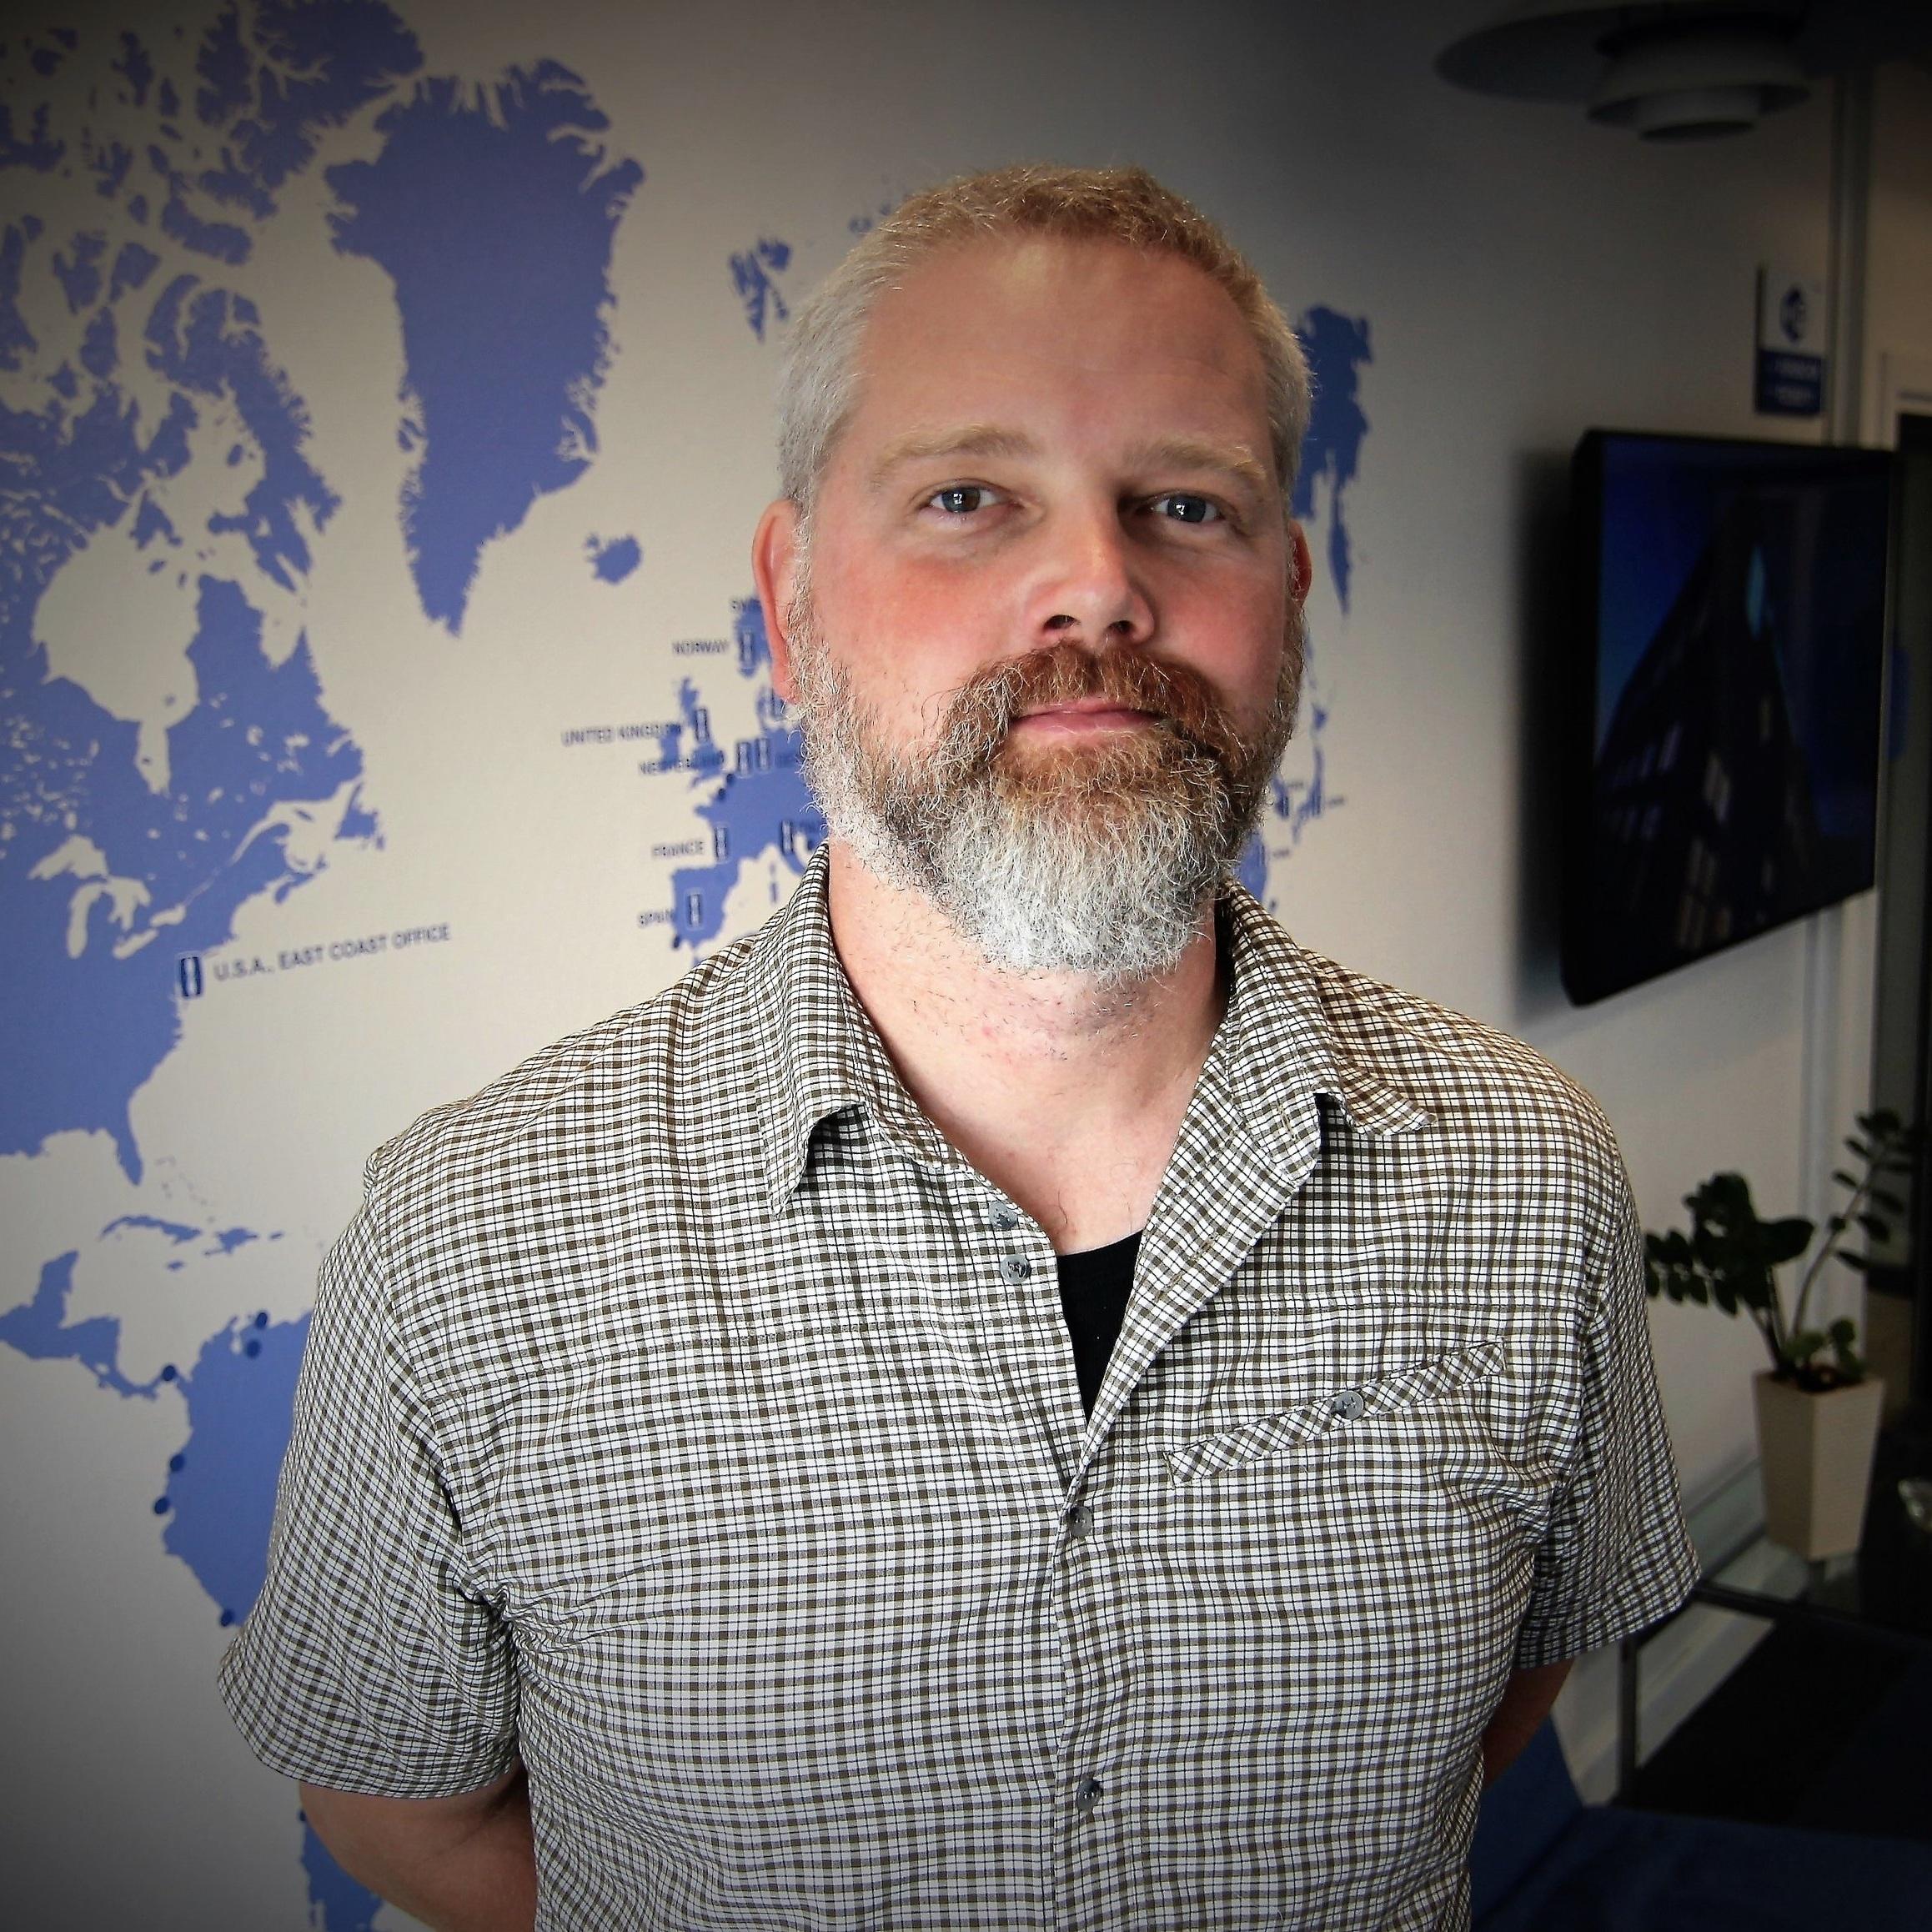 Kaspar De Linde Senior Instructor and Assessor - KDL@furuno.dk